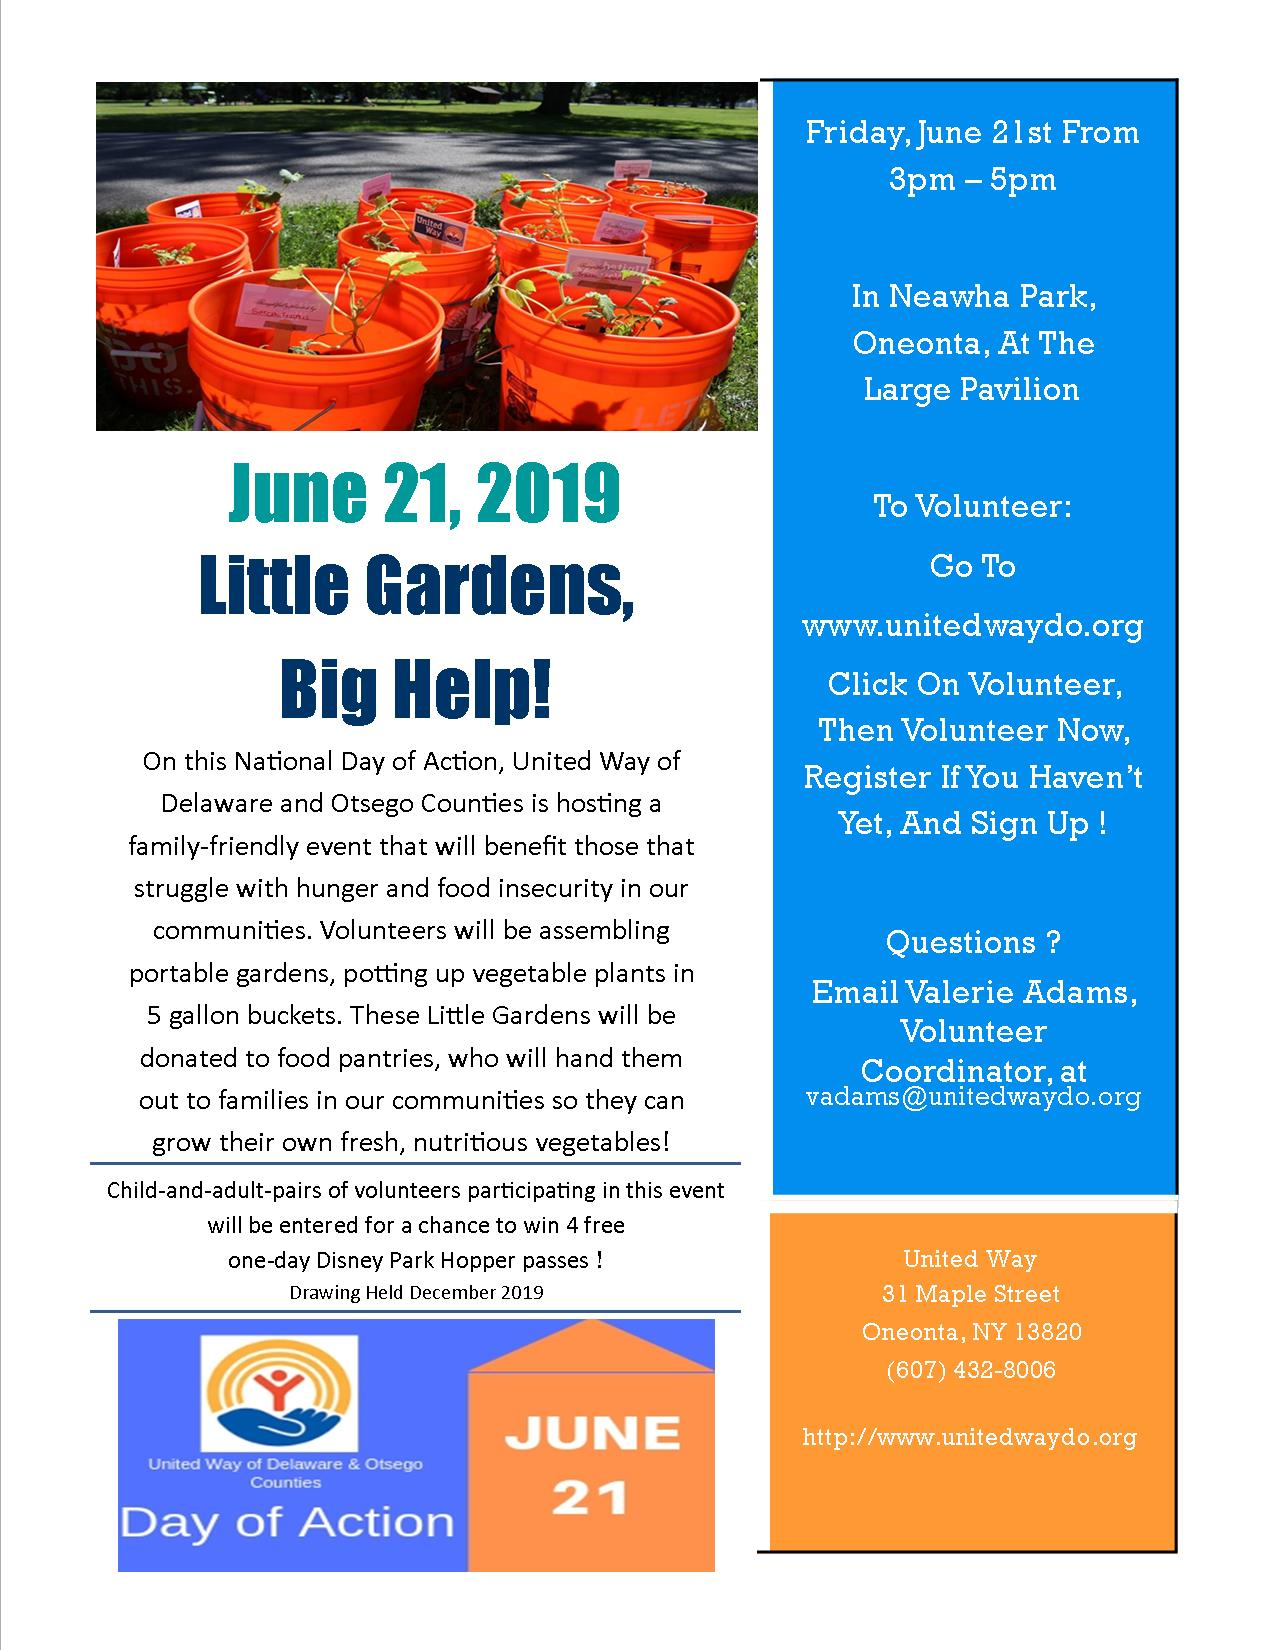 United Way - Little Gardens 2019 - 6.21.jpg